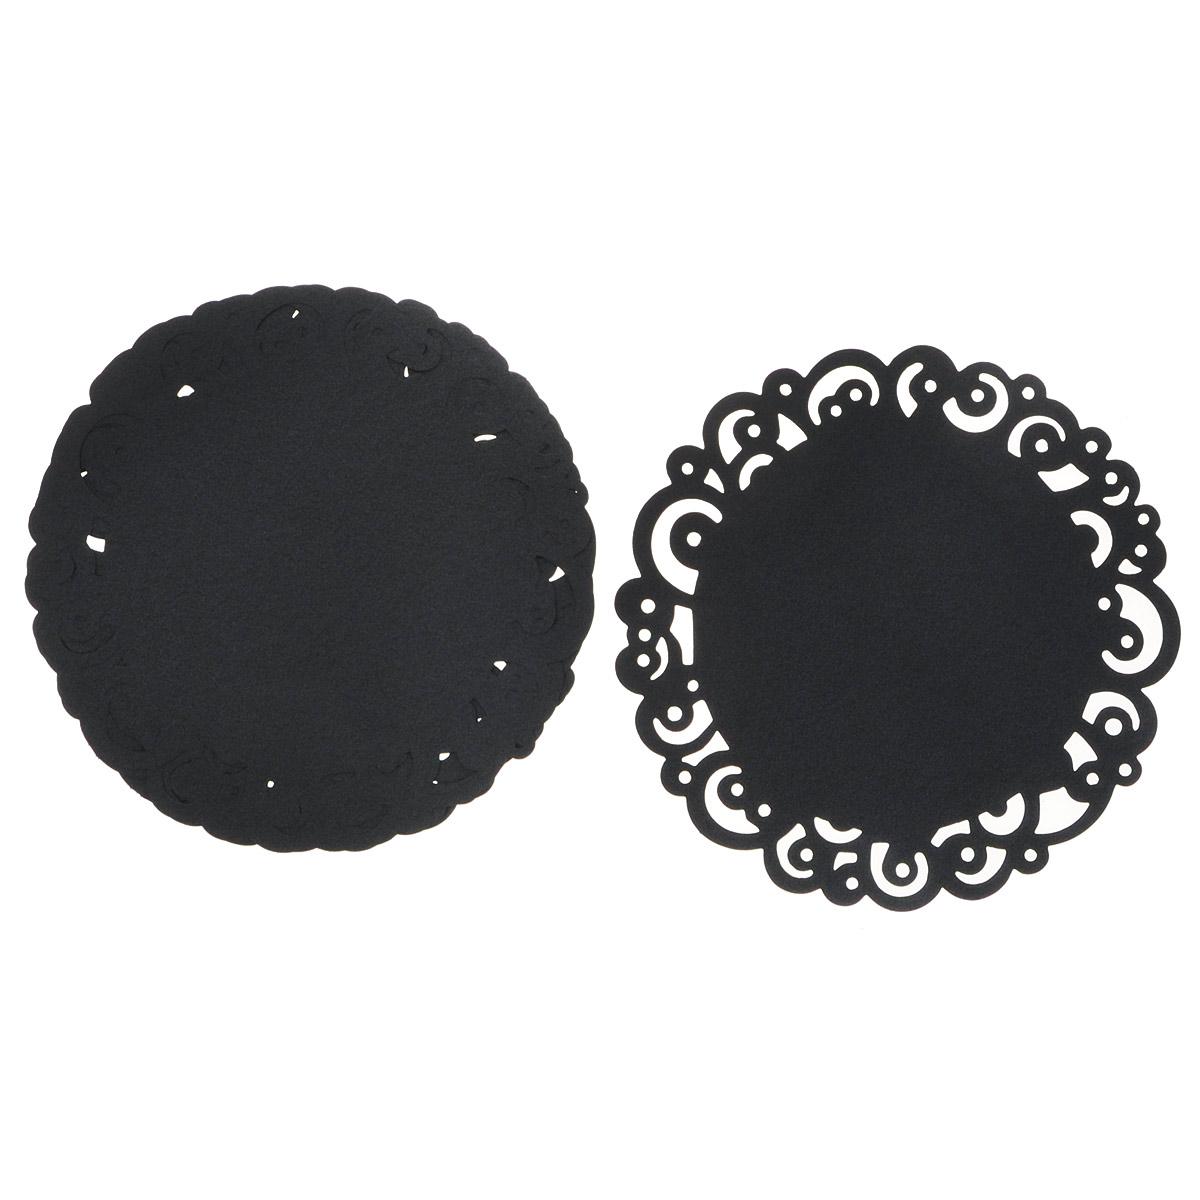 Салфетки Wilton для сервировки кондитерских изделий, цвет: черный, диаметр 20 см, 16 штWLT-2104-0219Набор Wilton состоит из 16 салфеток, изготовленных из плотной бумаги. Салфетки, декорированные резным кружевным узором, предназначены для сервировки кондитерских изделий (десертов, пирожных, тортов), чайных и кофейных чашек.Сервировочные салфетки Wilton - это прекрасный решение для любителей кондитерского творчества.Комплектация: 16 шт.Диаметр салфетки: 20 см.